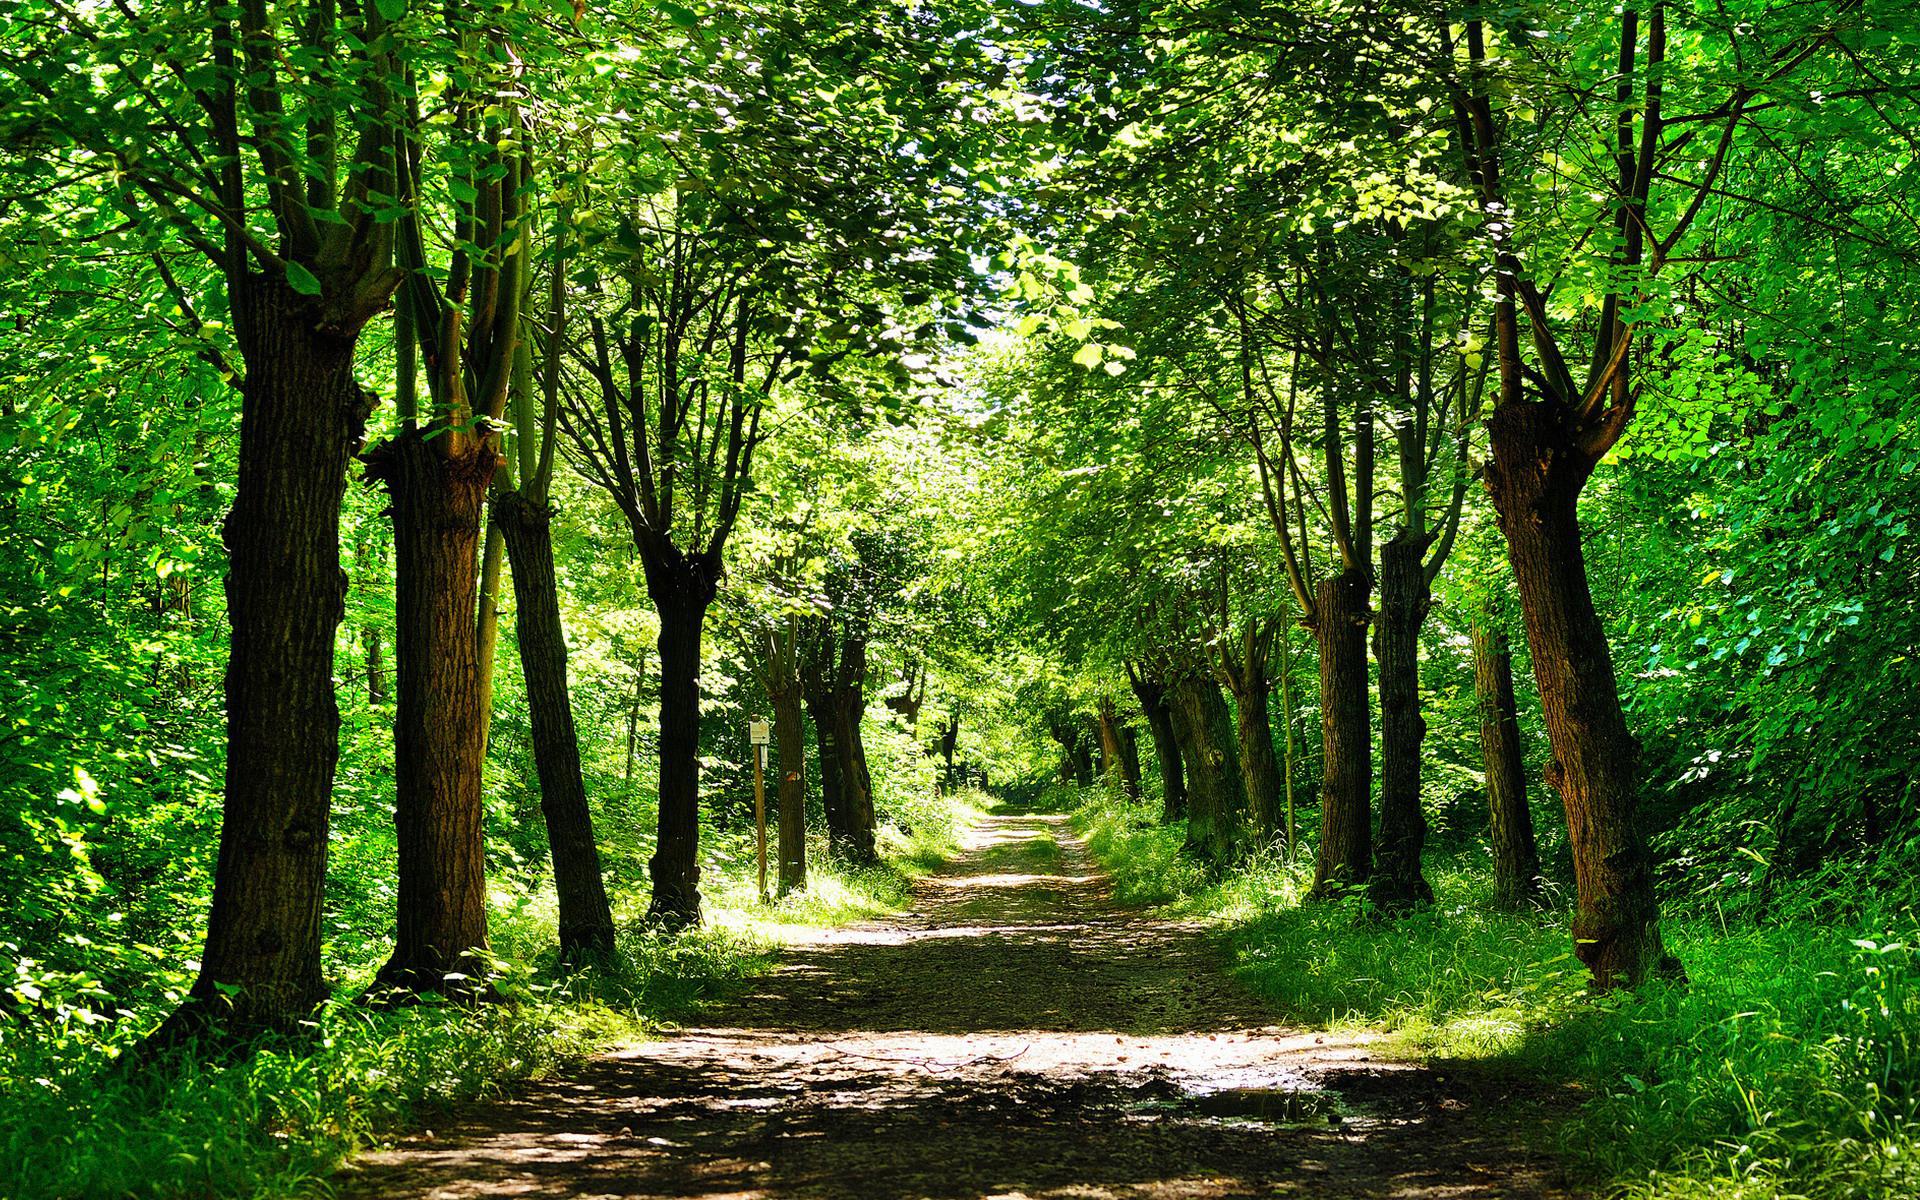 округлившимся картинки лесной аллеи протяжении